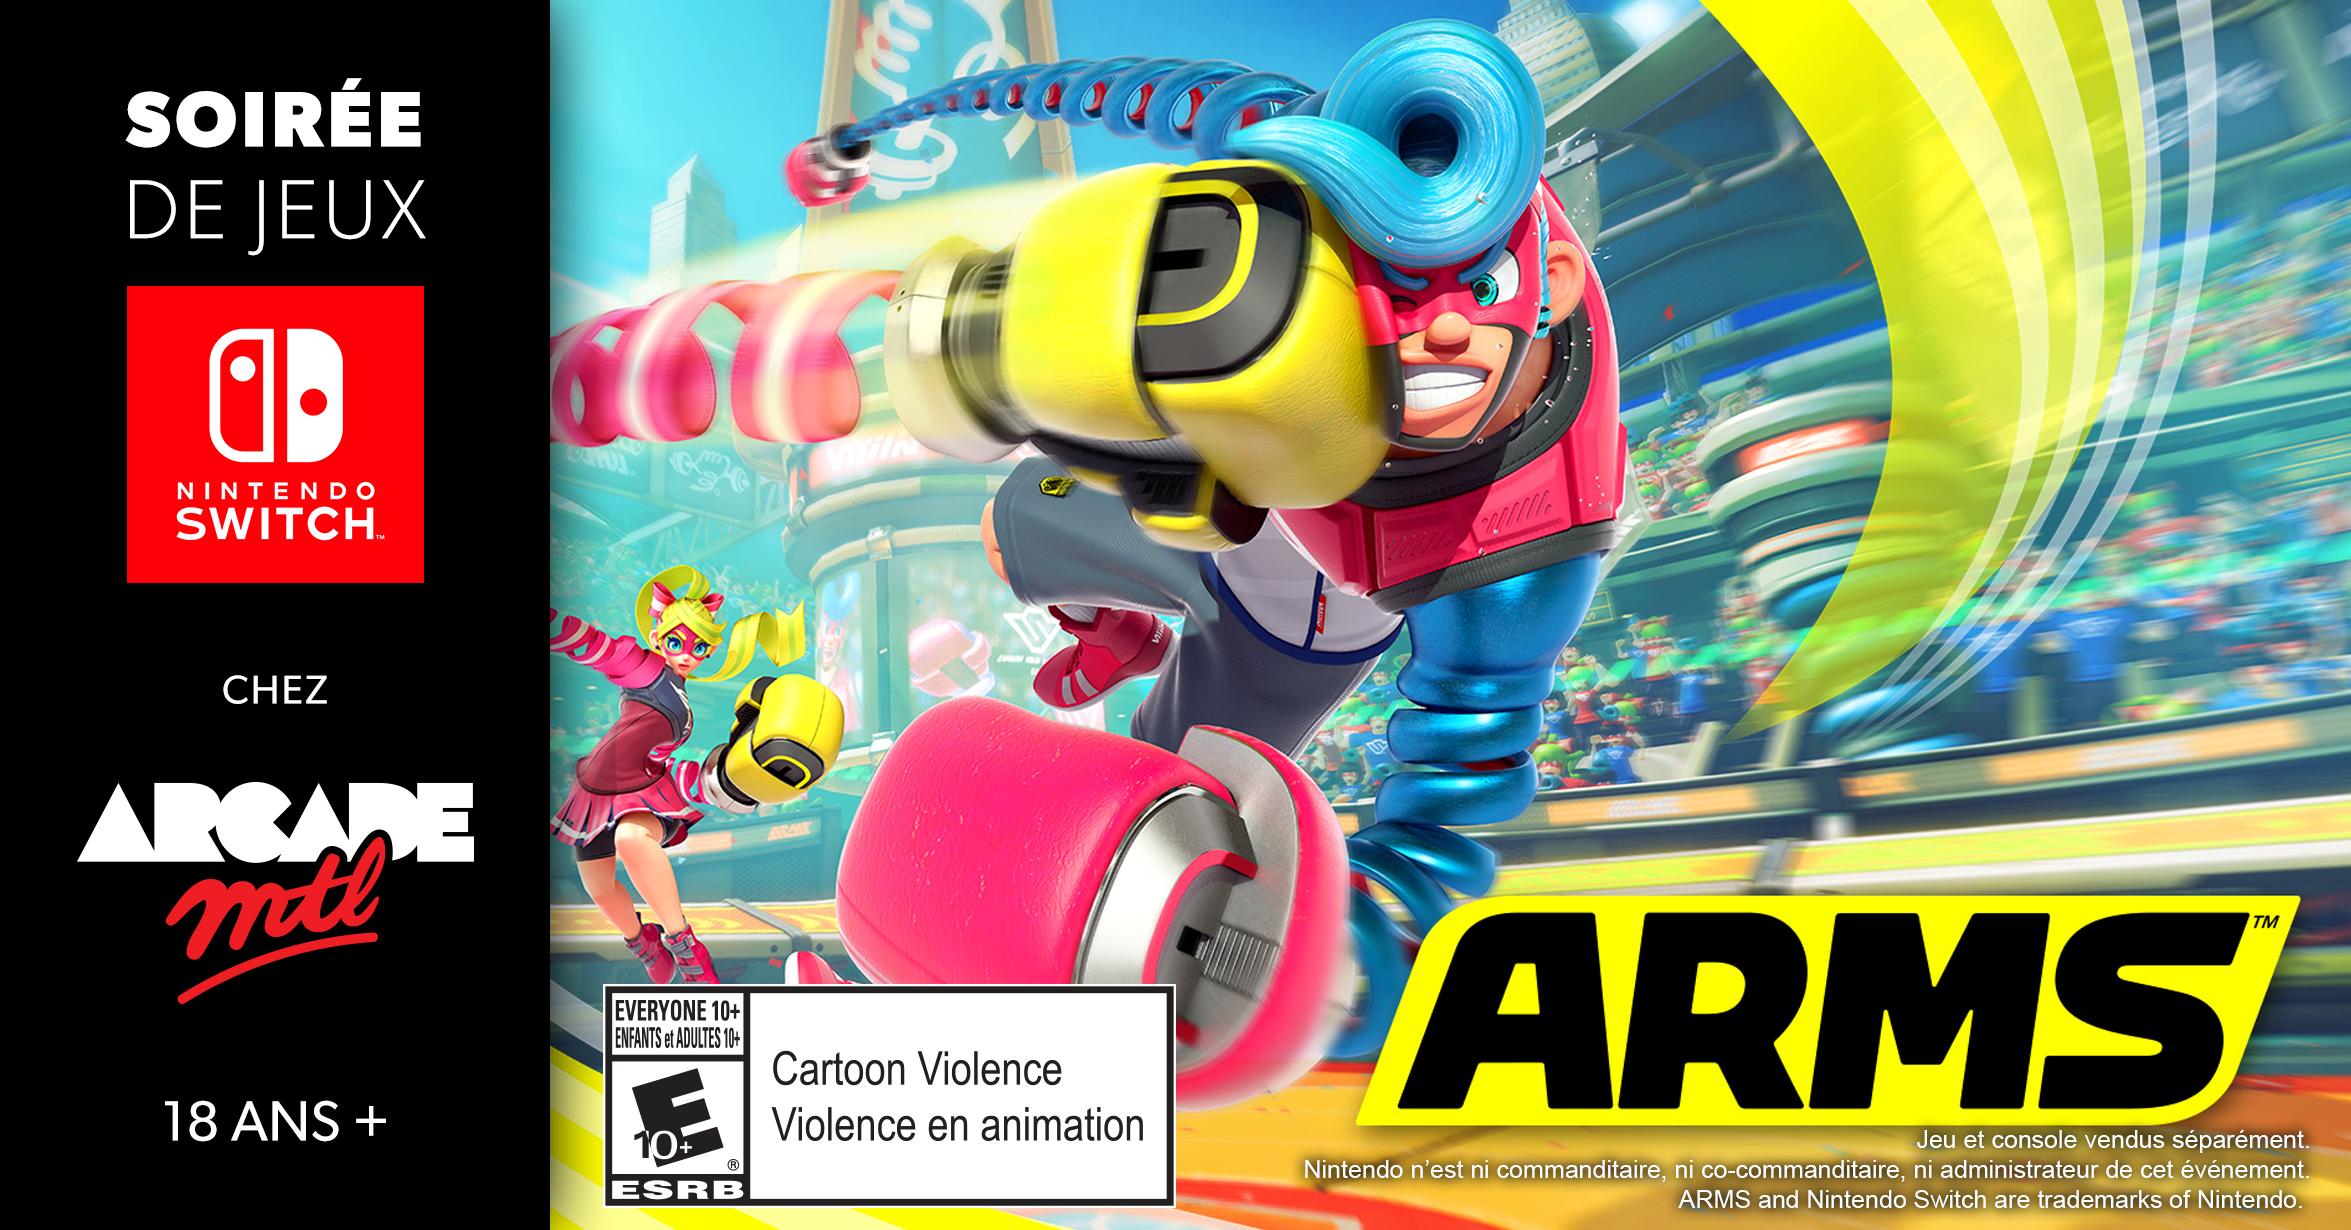 Un jeu de combat pour les petits et grands (en autant qu'ils aient 18 ans!), ARMS sera la vedette du tournoi le 24 août